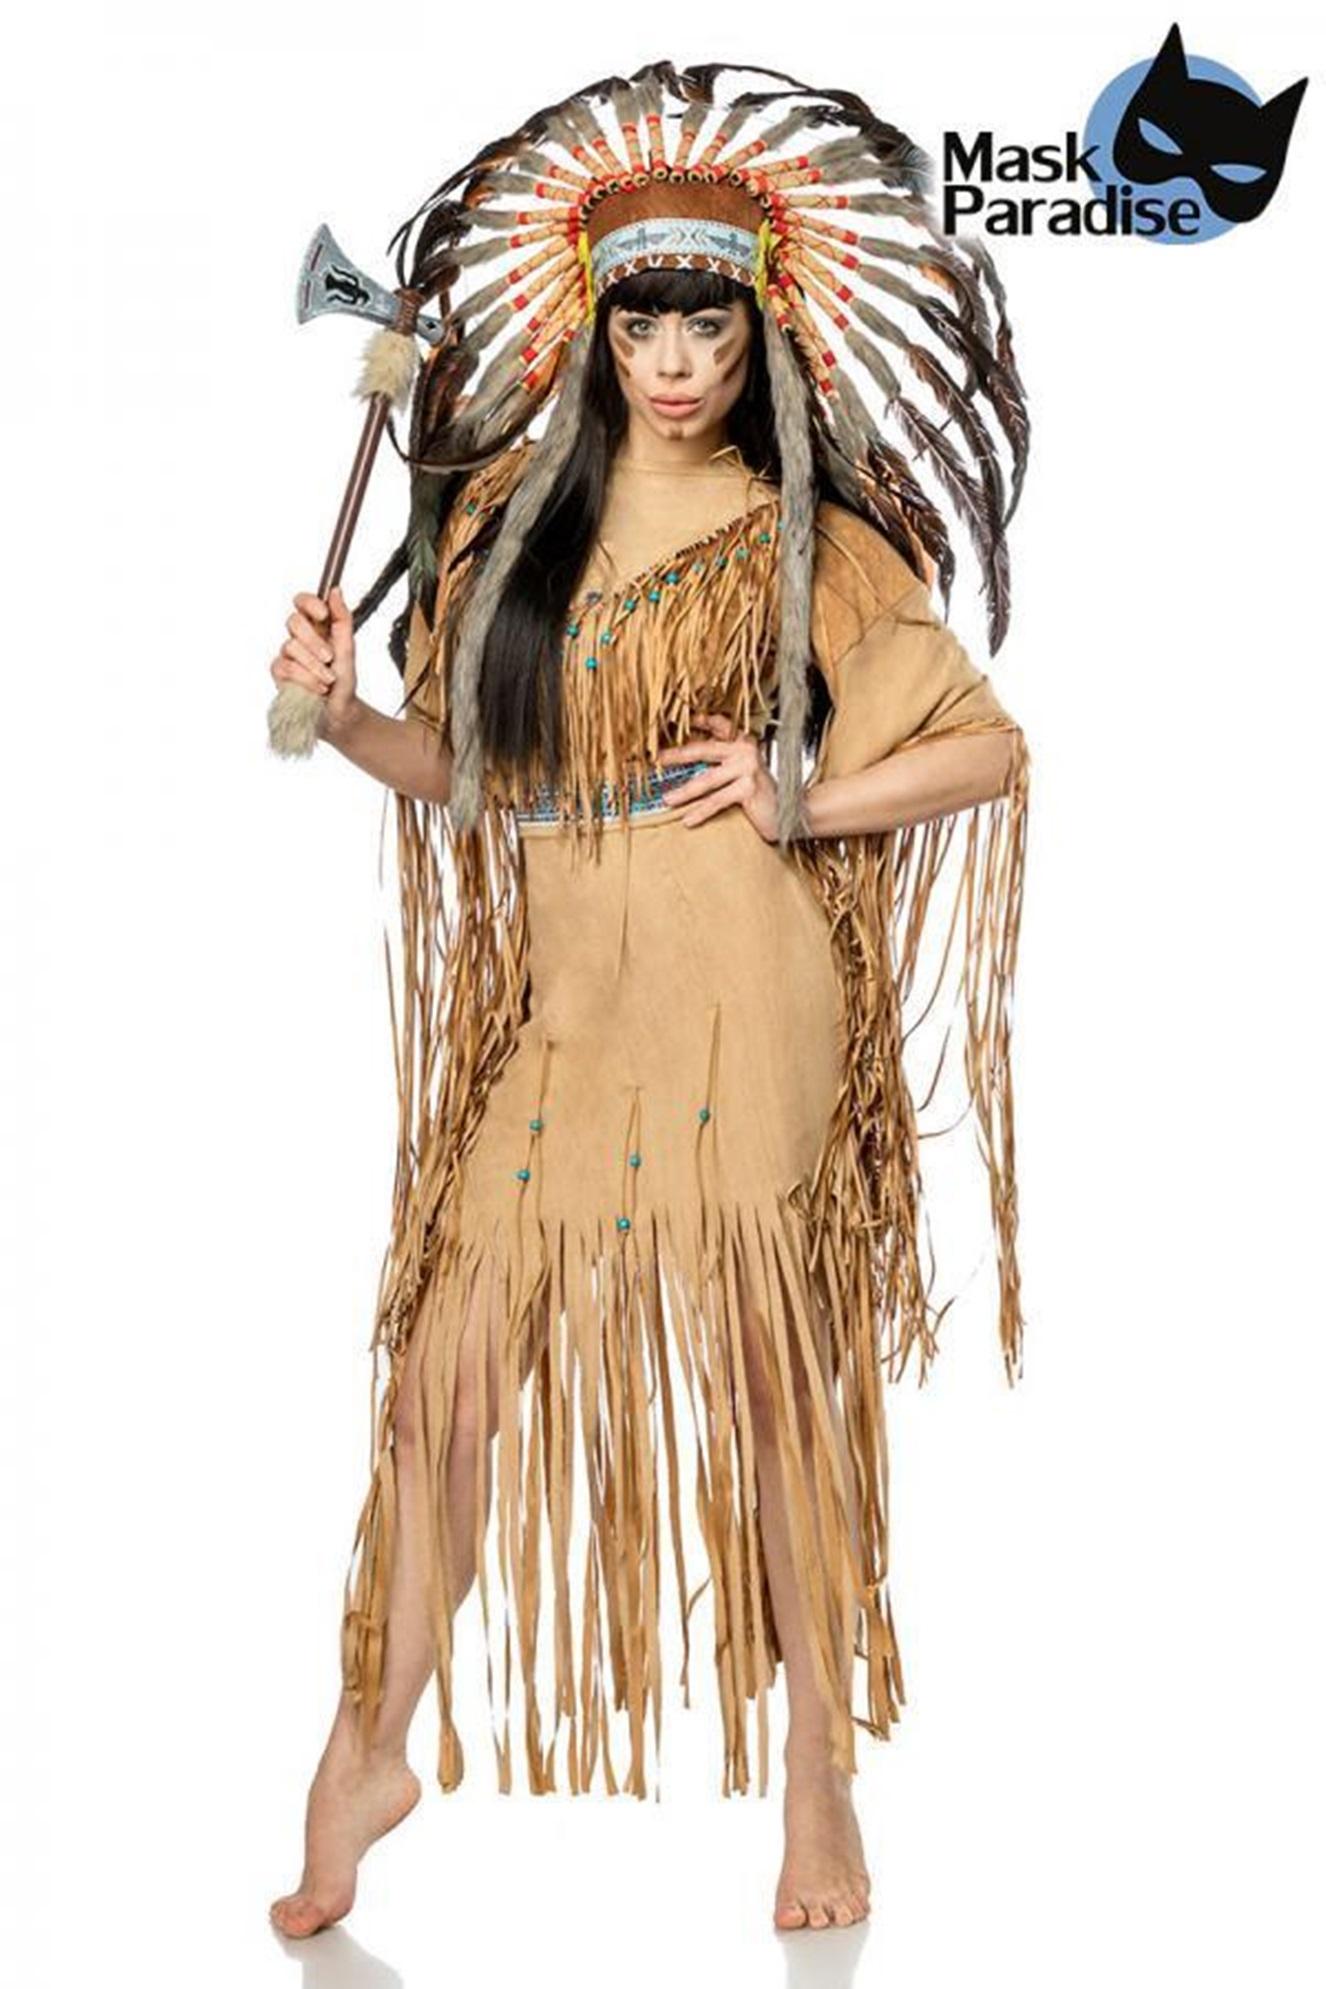 80108 Indianerinkostüm Native American von MASK PARADISE